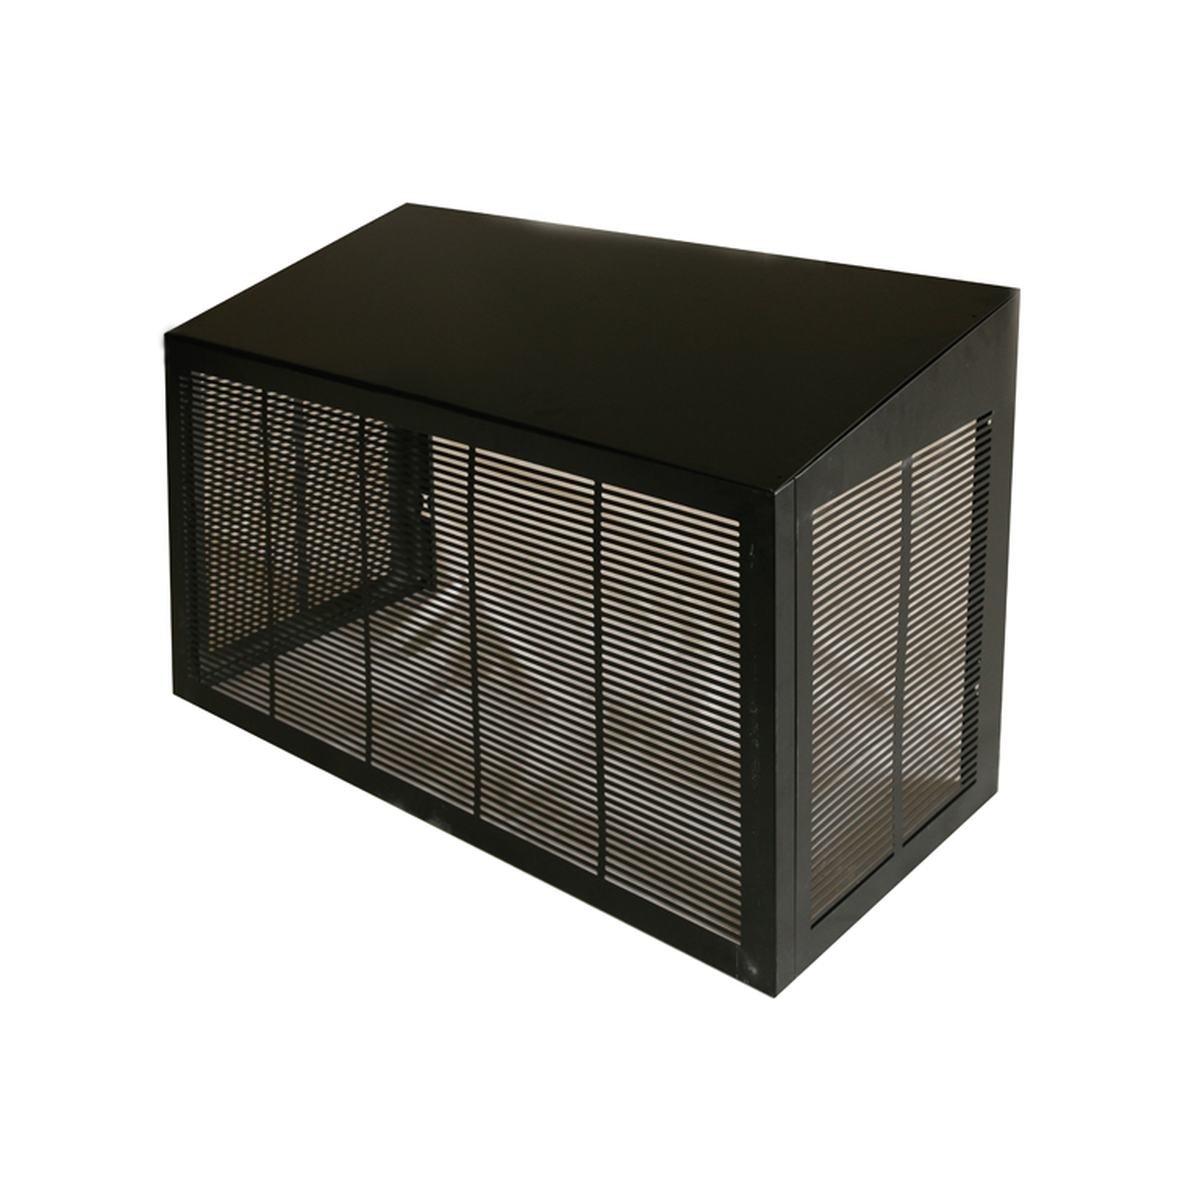 Skyddshus i svart aluminium till värmepump utedel